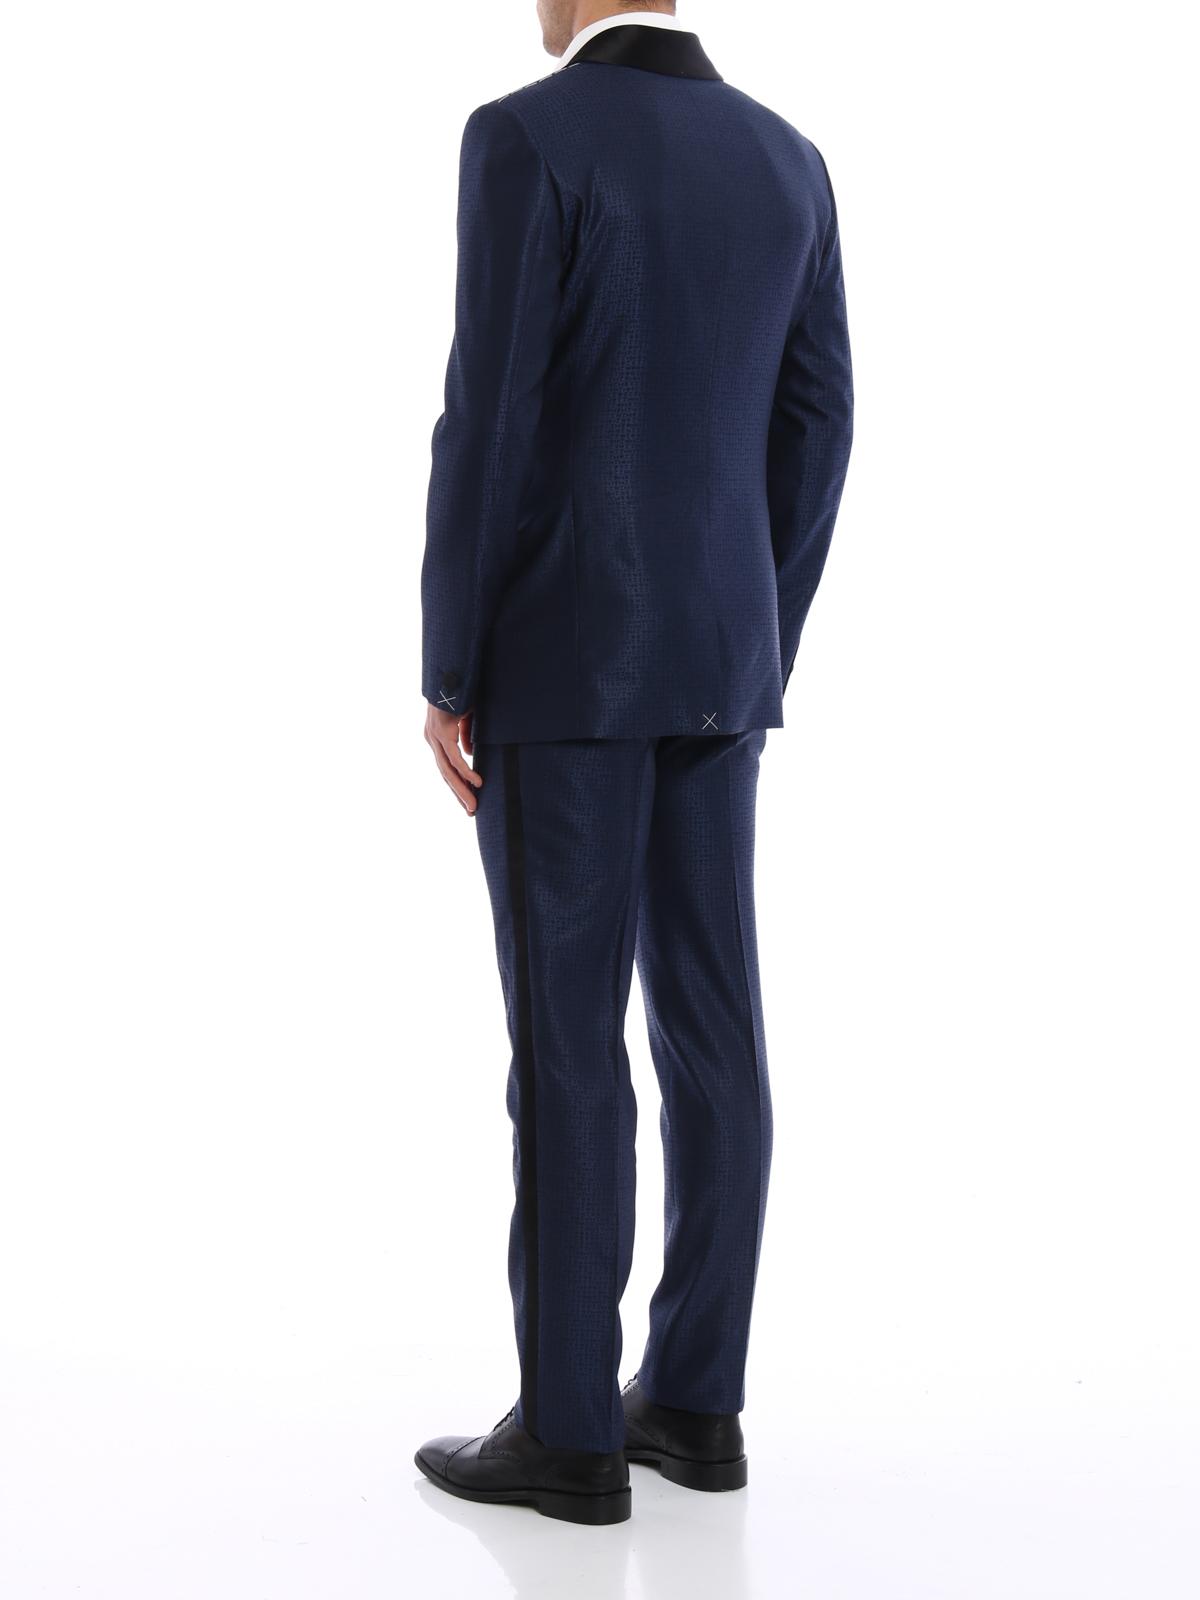 iKRIX VERSACE  Costumes de soirée - Costume Bleu Foncé Pour Homme 880d1cf1a39